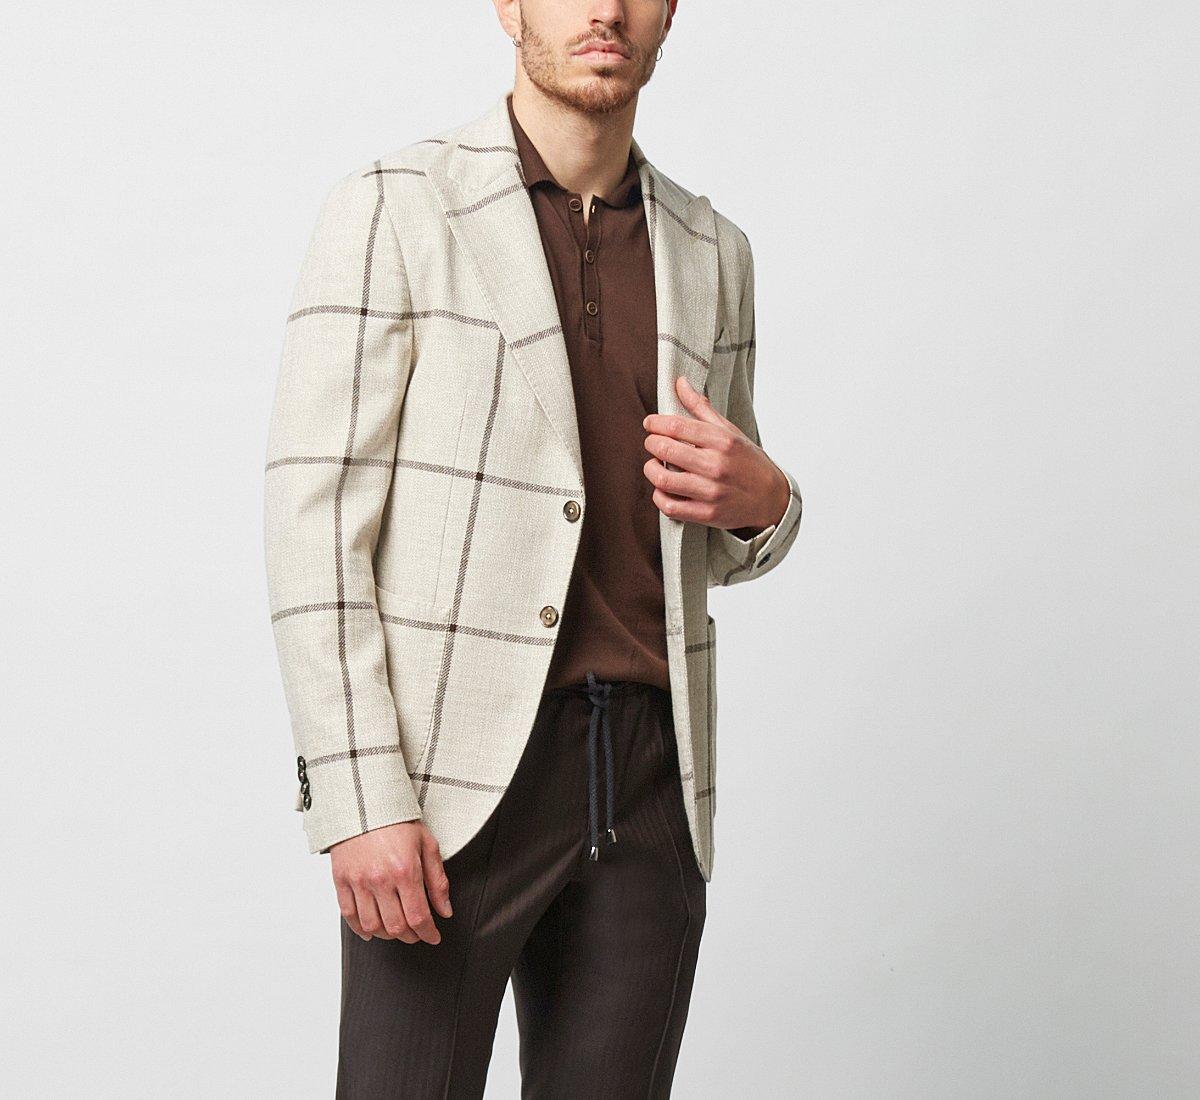 Chequered blazer